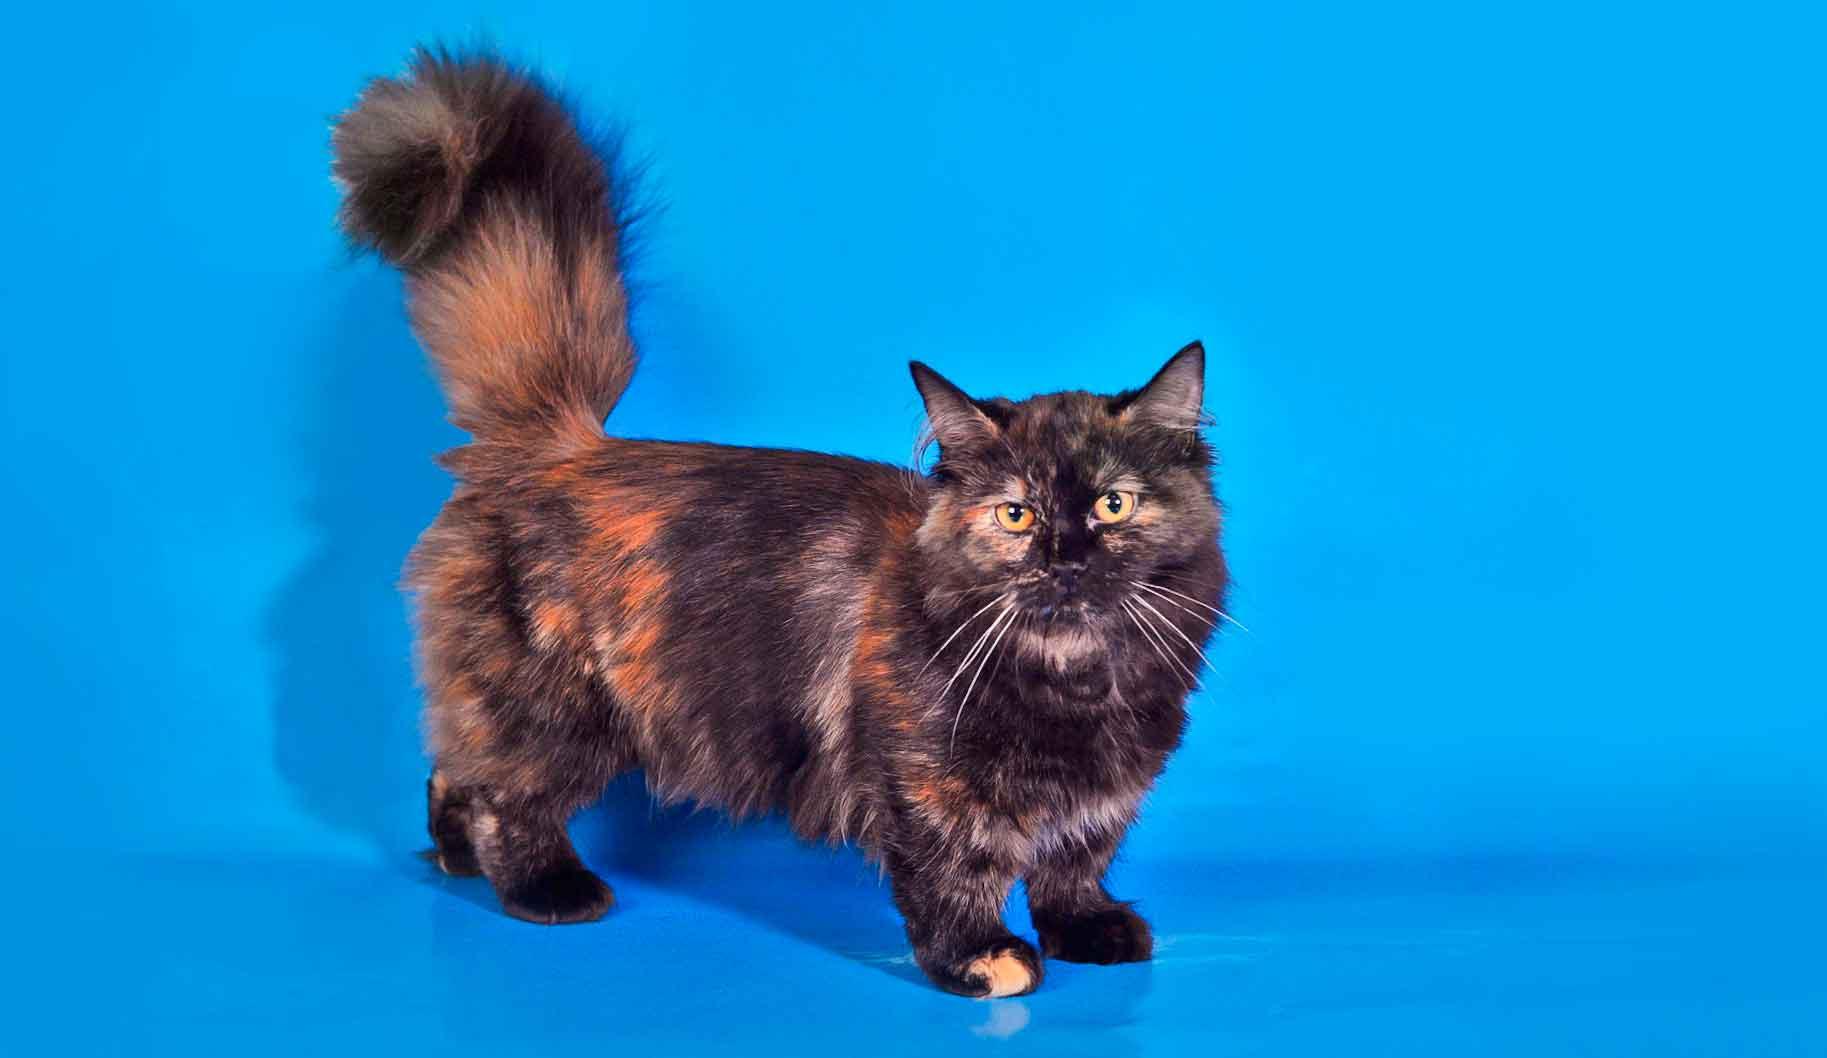 Манчкин-описание породы, характер, фото, стоимость котенка